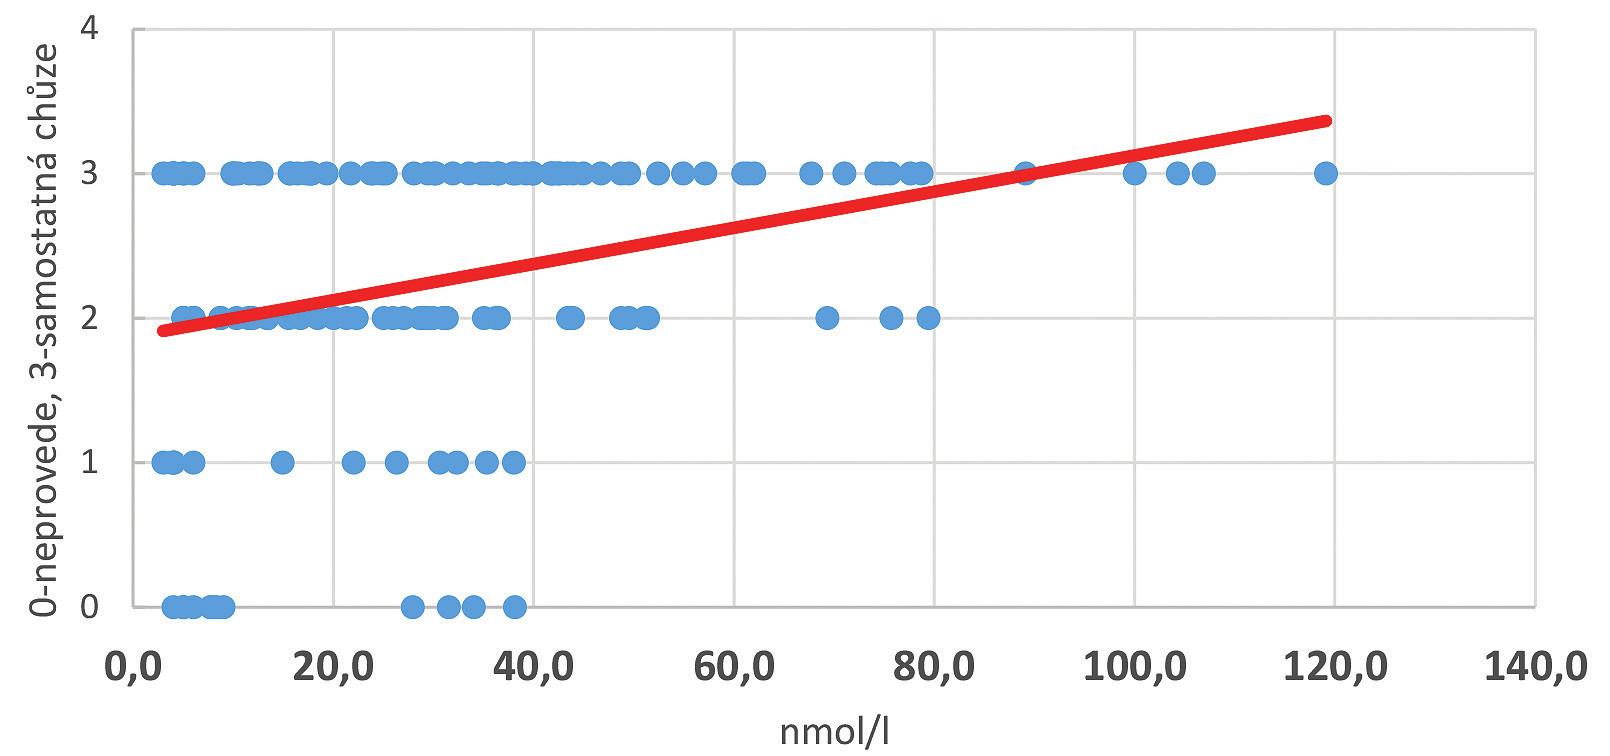 Vztah sérové hladiny vitaminu D a soběstačnosti při chůzi